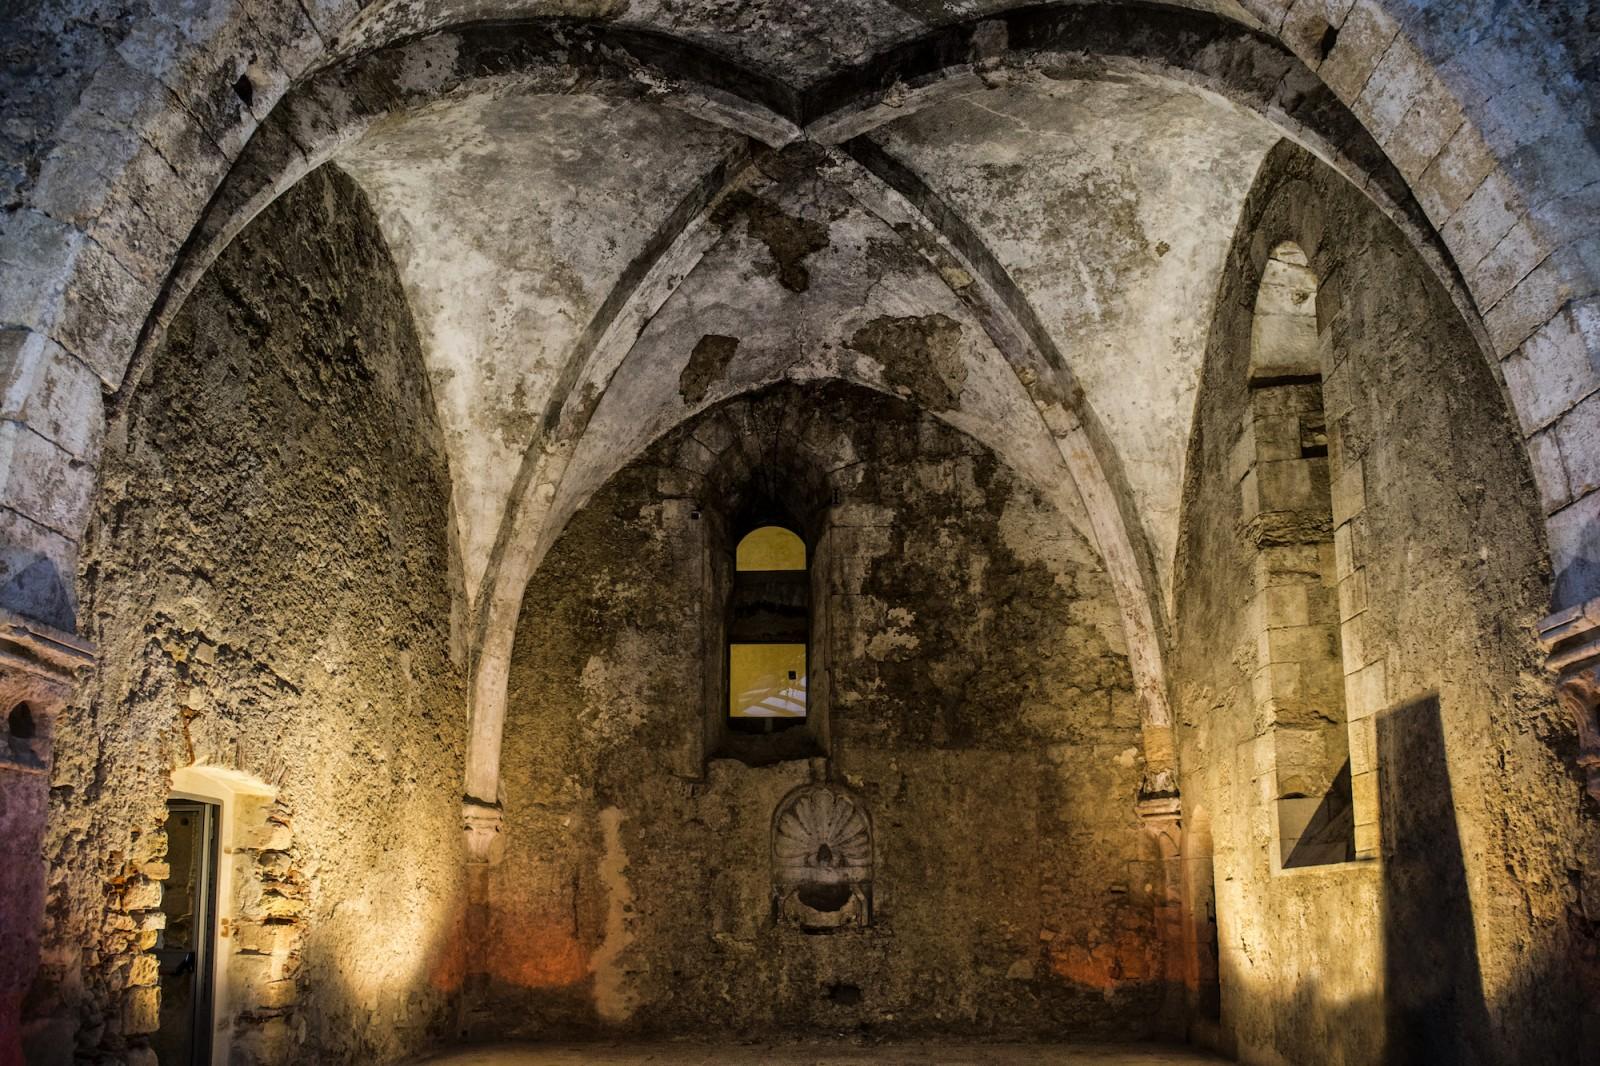 Castello_Svevo_Cosenza_01c